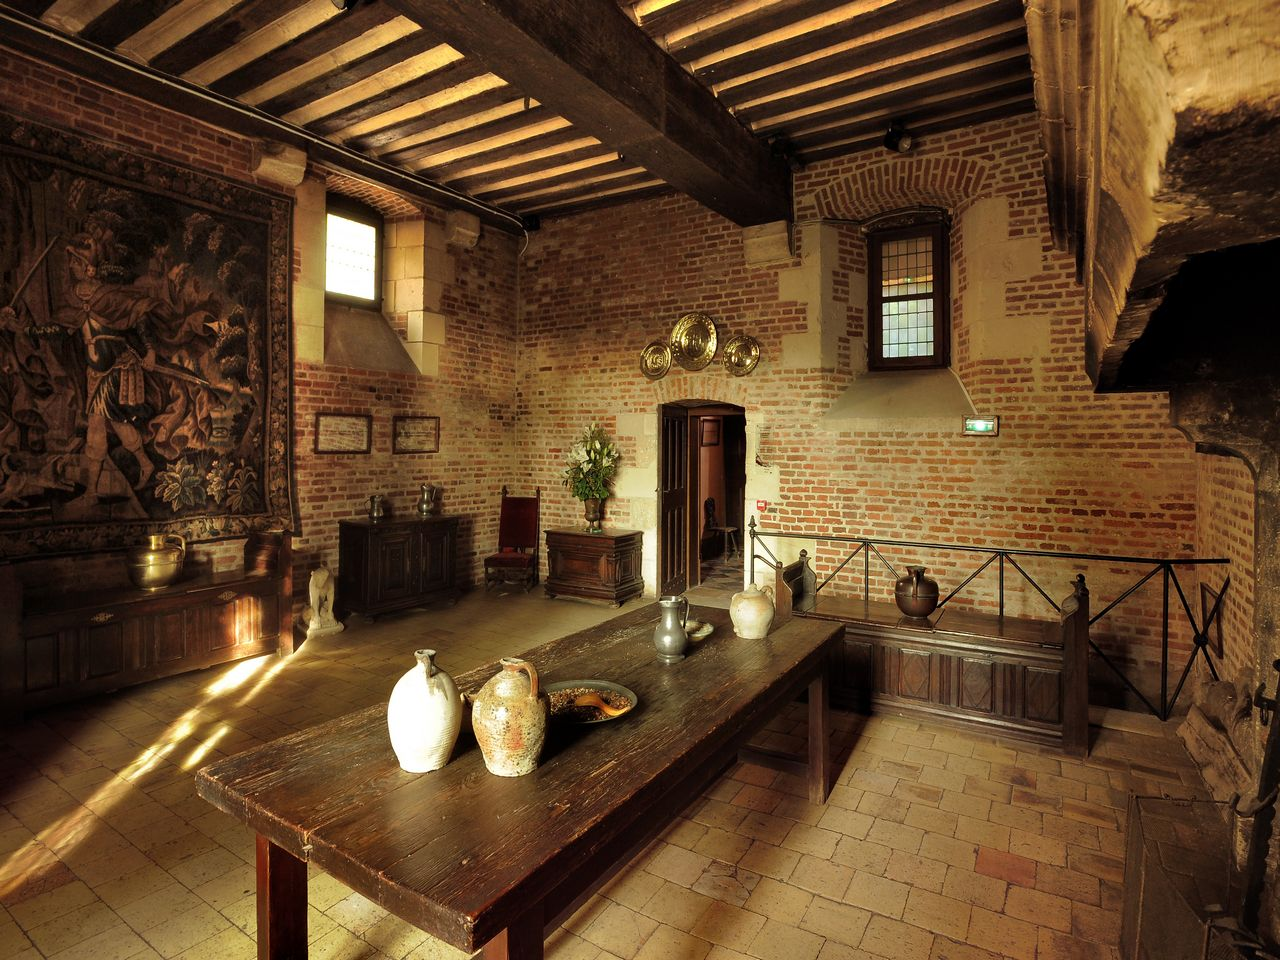 lampadari medievali : In viaggio tra i Castelli della Loira